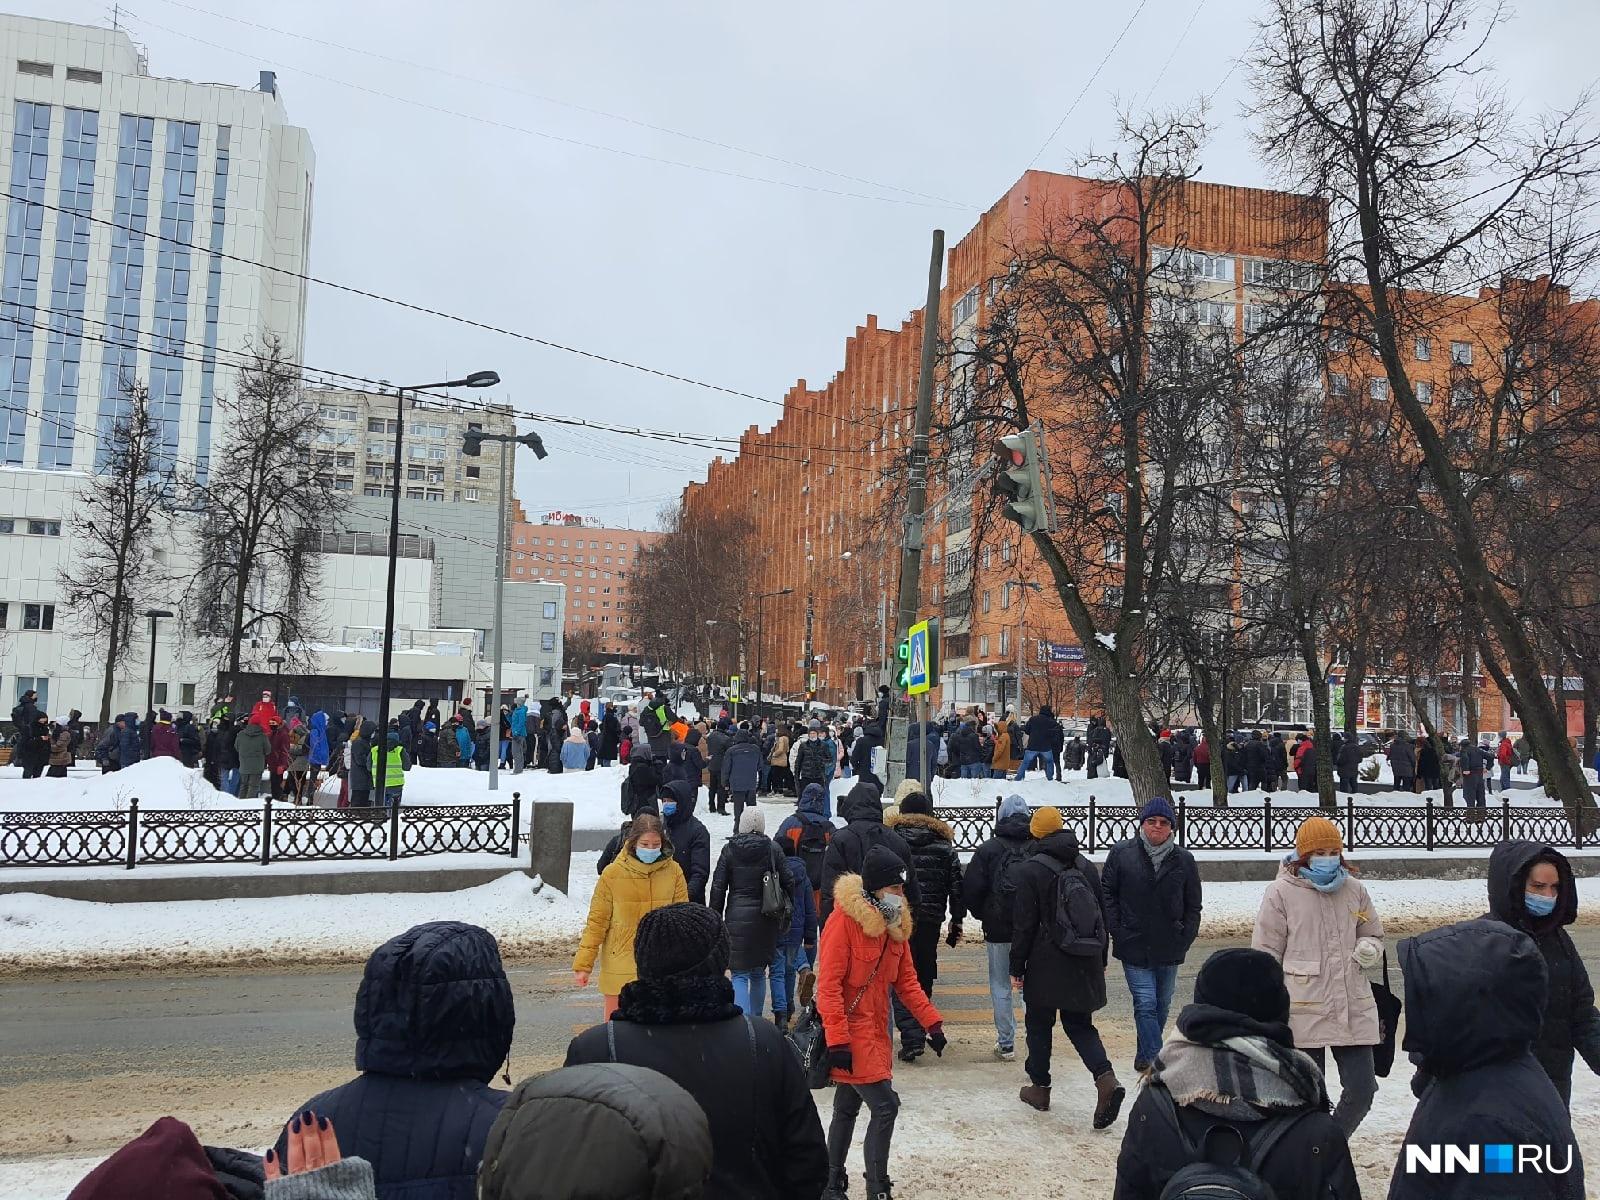 Митингующие быстро заняли сквер на Звездинке, но шансов остаться там надолго у них не было